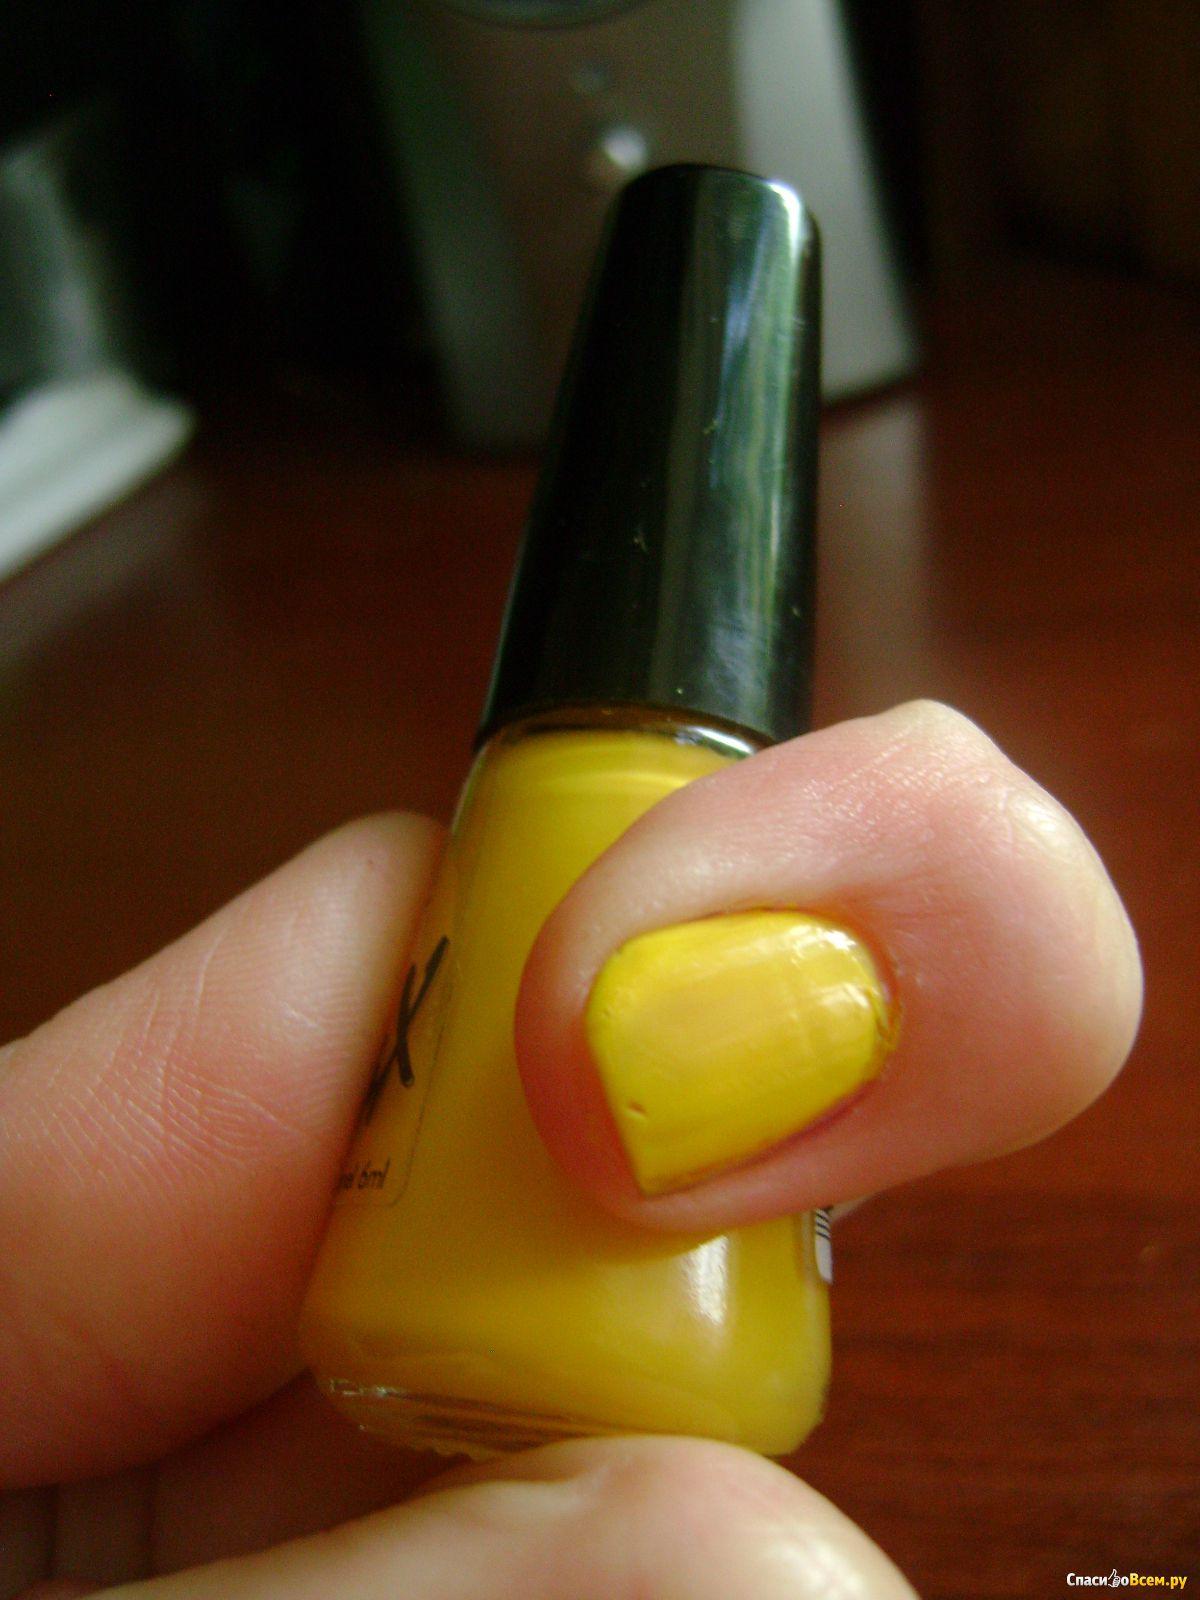 Stax лак для ногтей отзывы